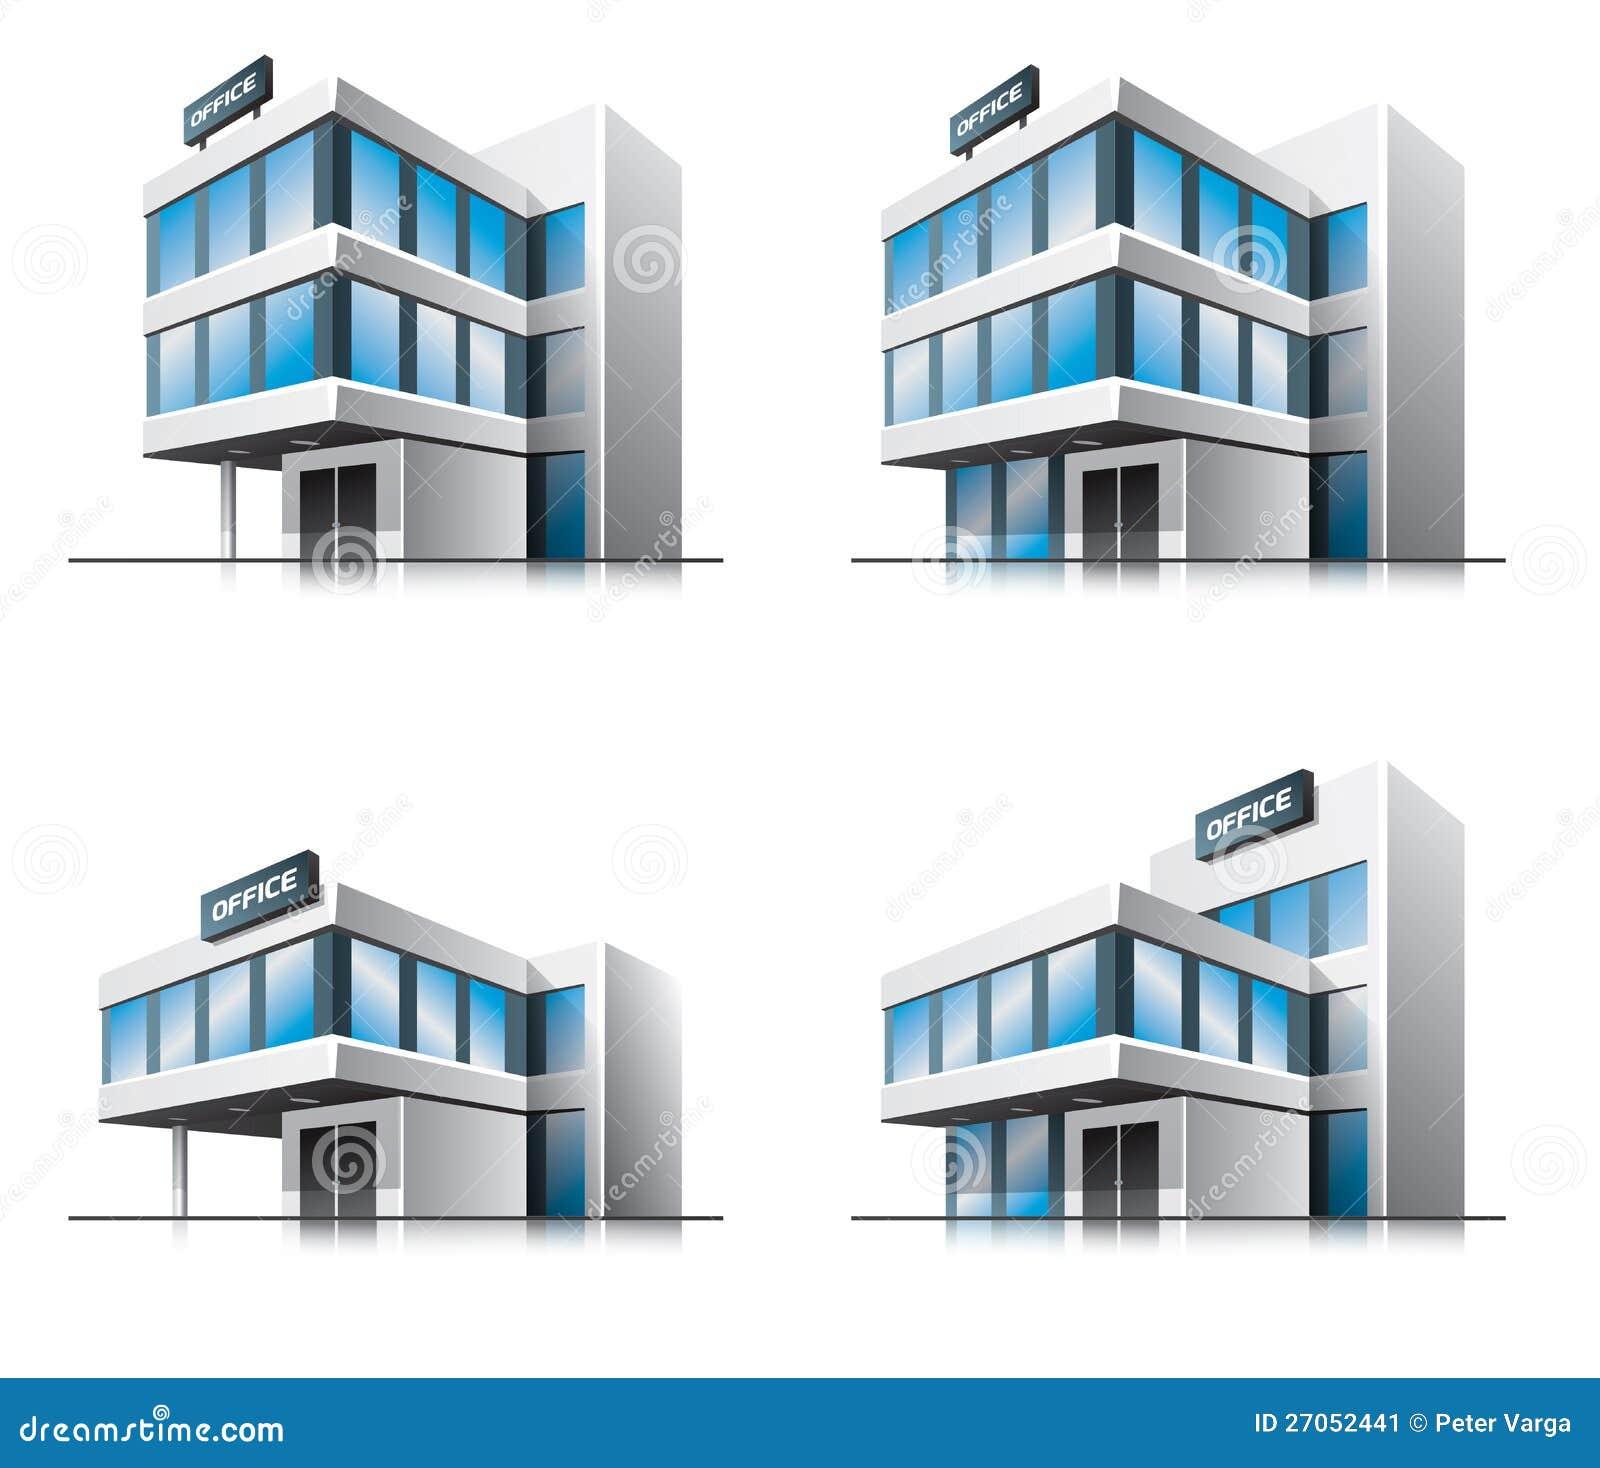 quatre immeubles de bureaux de dessin anim image stock image 27052441. Black Bedroom Furniture Sets. Home Design Ideas